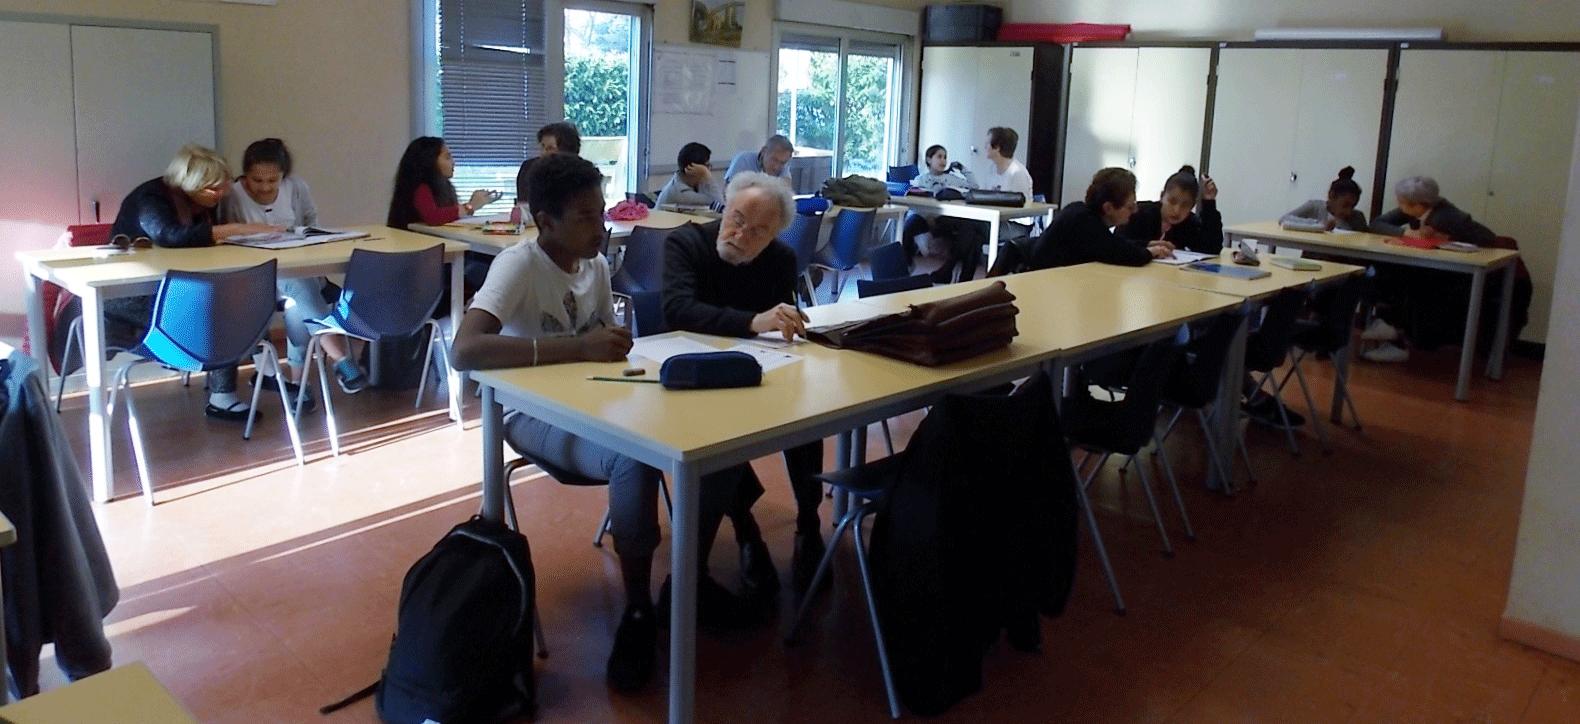 Soutien scolaire avec Amitié Solidarité 31